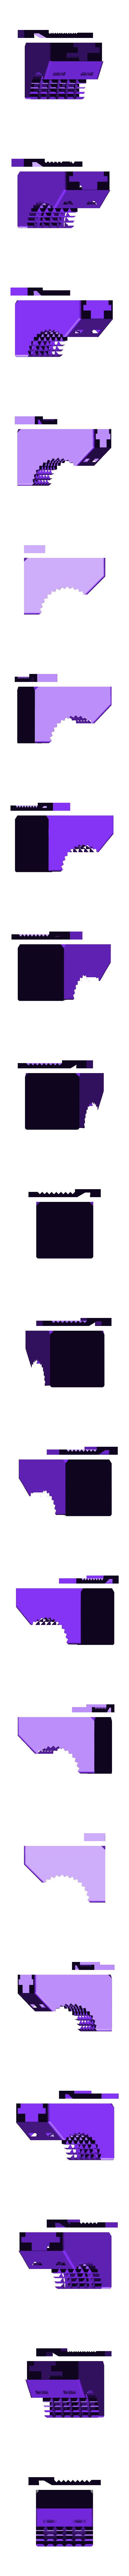 22mm_snapfit_handle_base_remix.stl Télécharger fichier STL gratuit poignée encliquetable pour montage sur barre (moletée, 22mm-34mm) • Objet imprimable en 3D, CyberCyclist